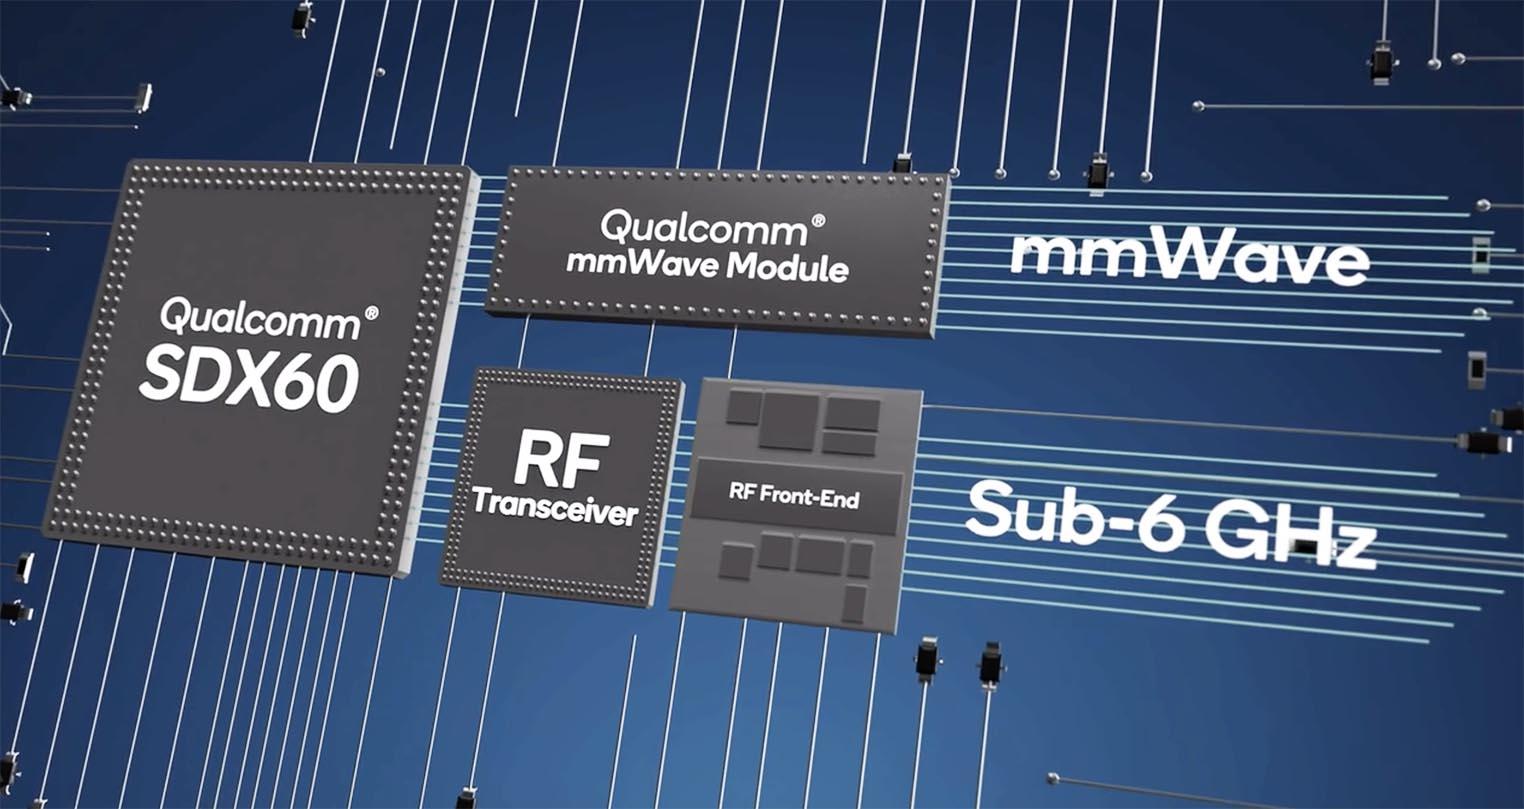 Qualcomm SDX500